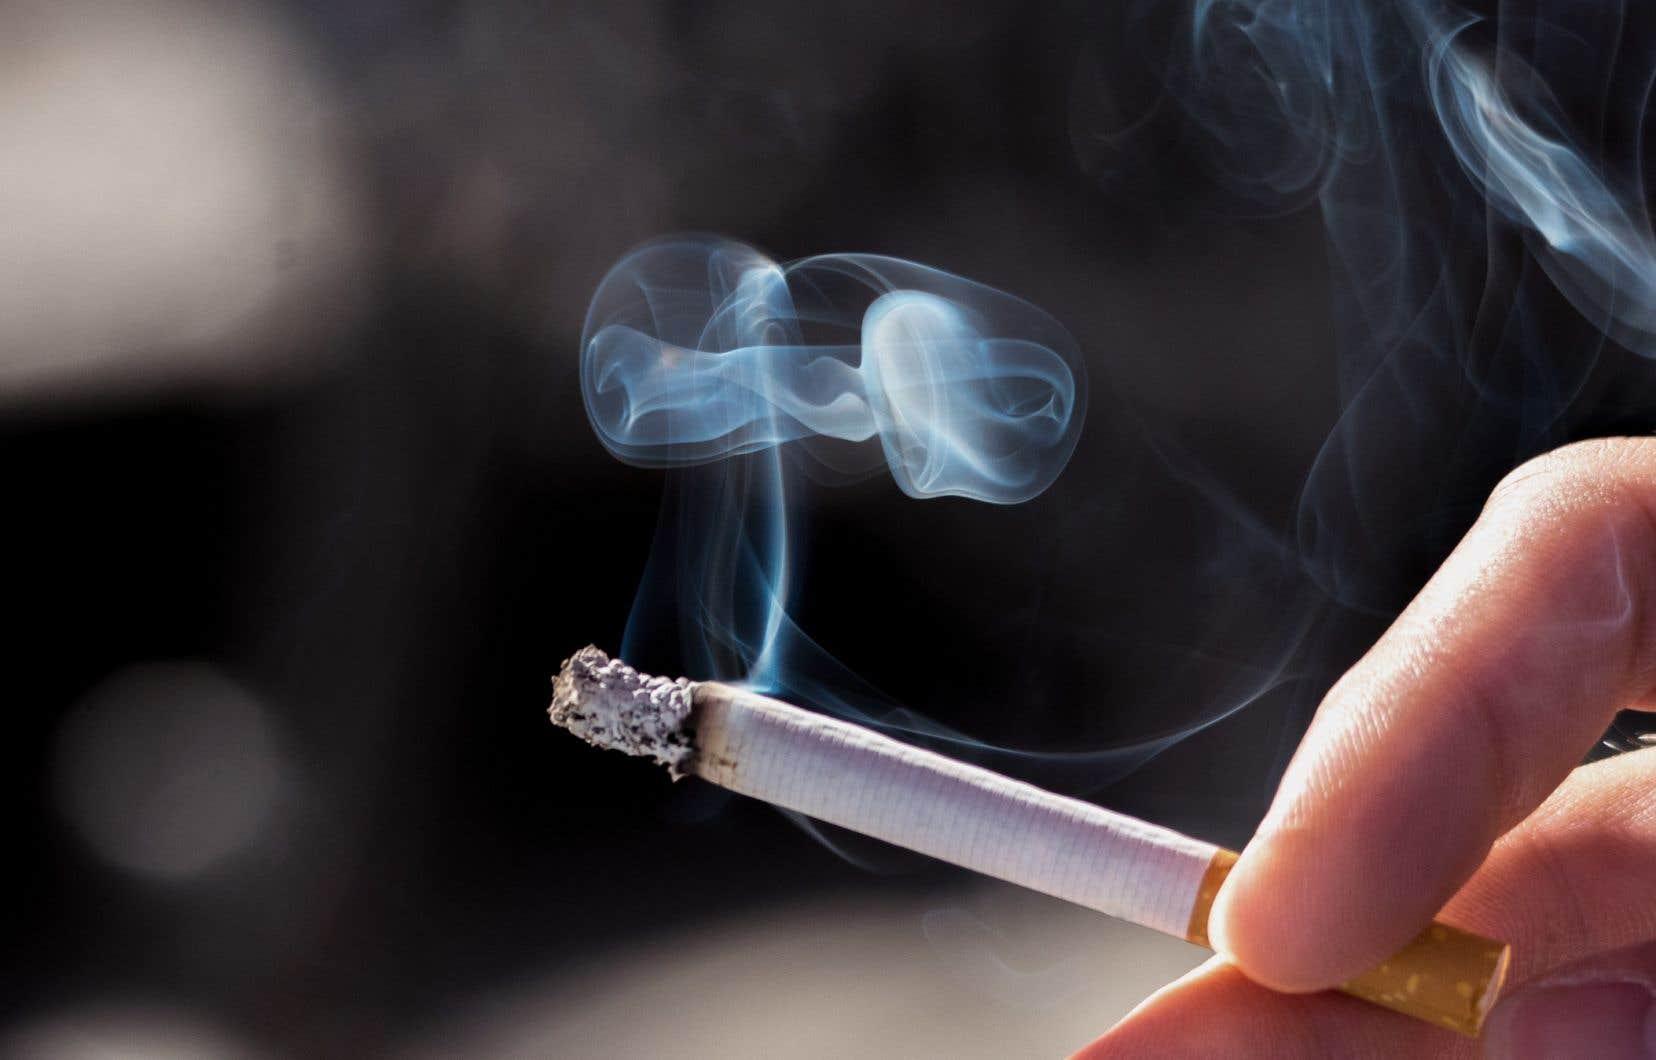 Jusqu'à 40% des cellules pulmonaires des anciens fumeurs pourront éventuellement être pratiquement identiques aux cellules pulmonaires de gens qui n'ont jamais fumé.